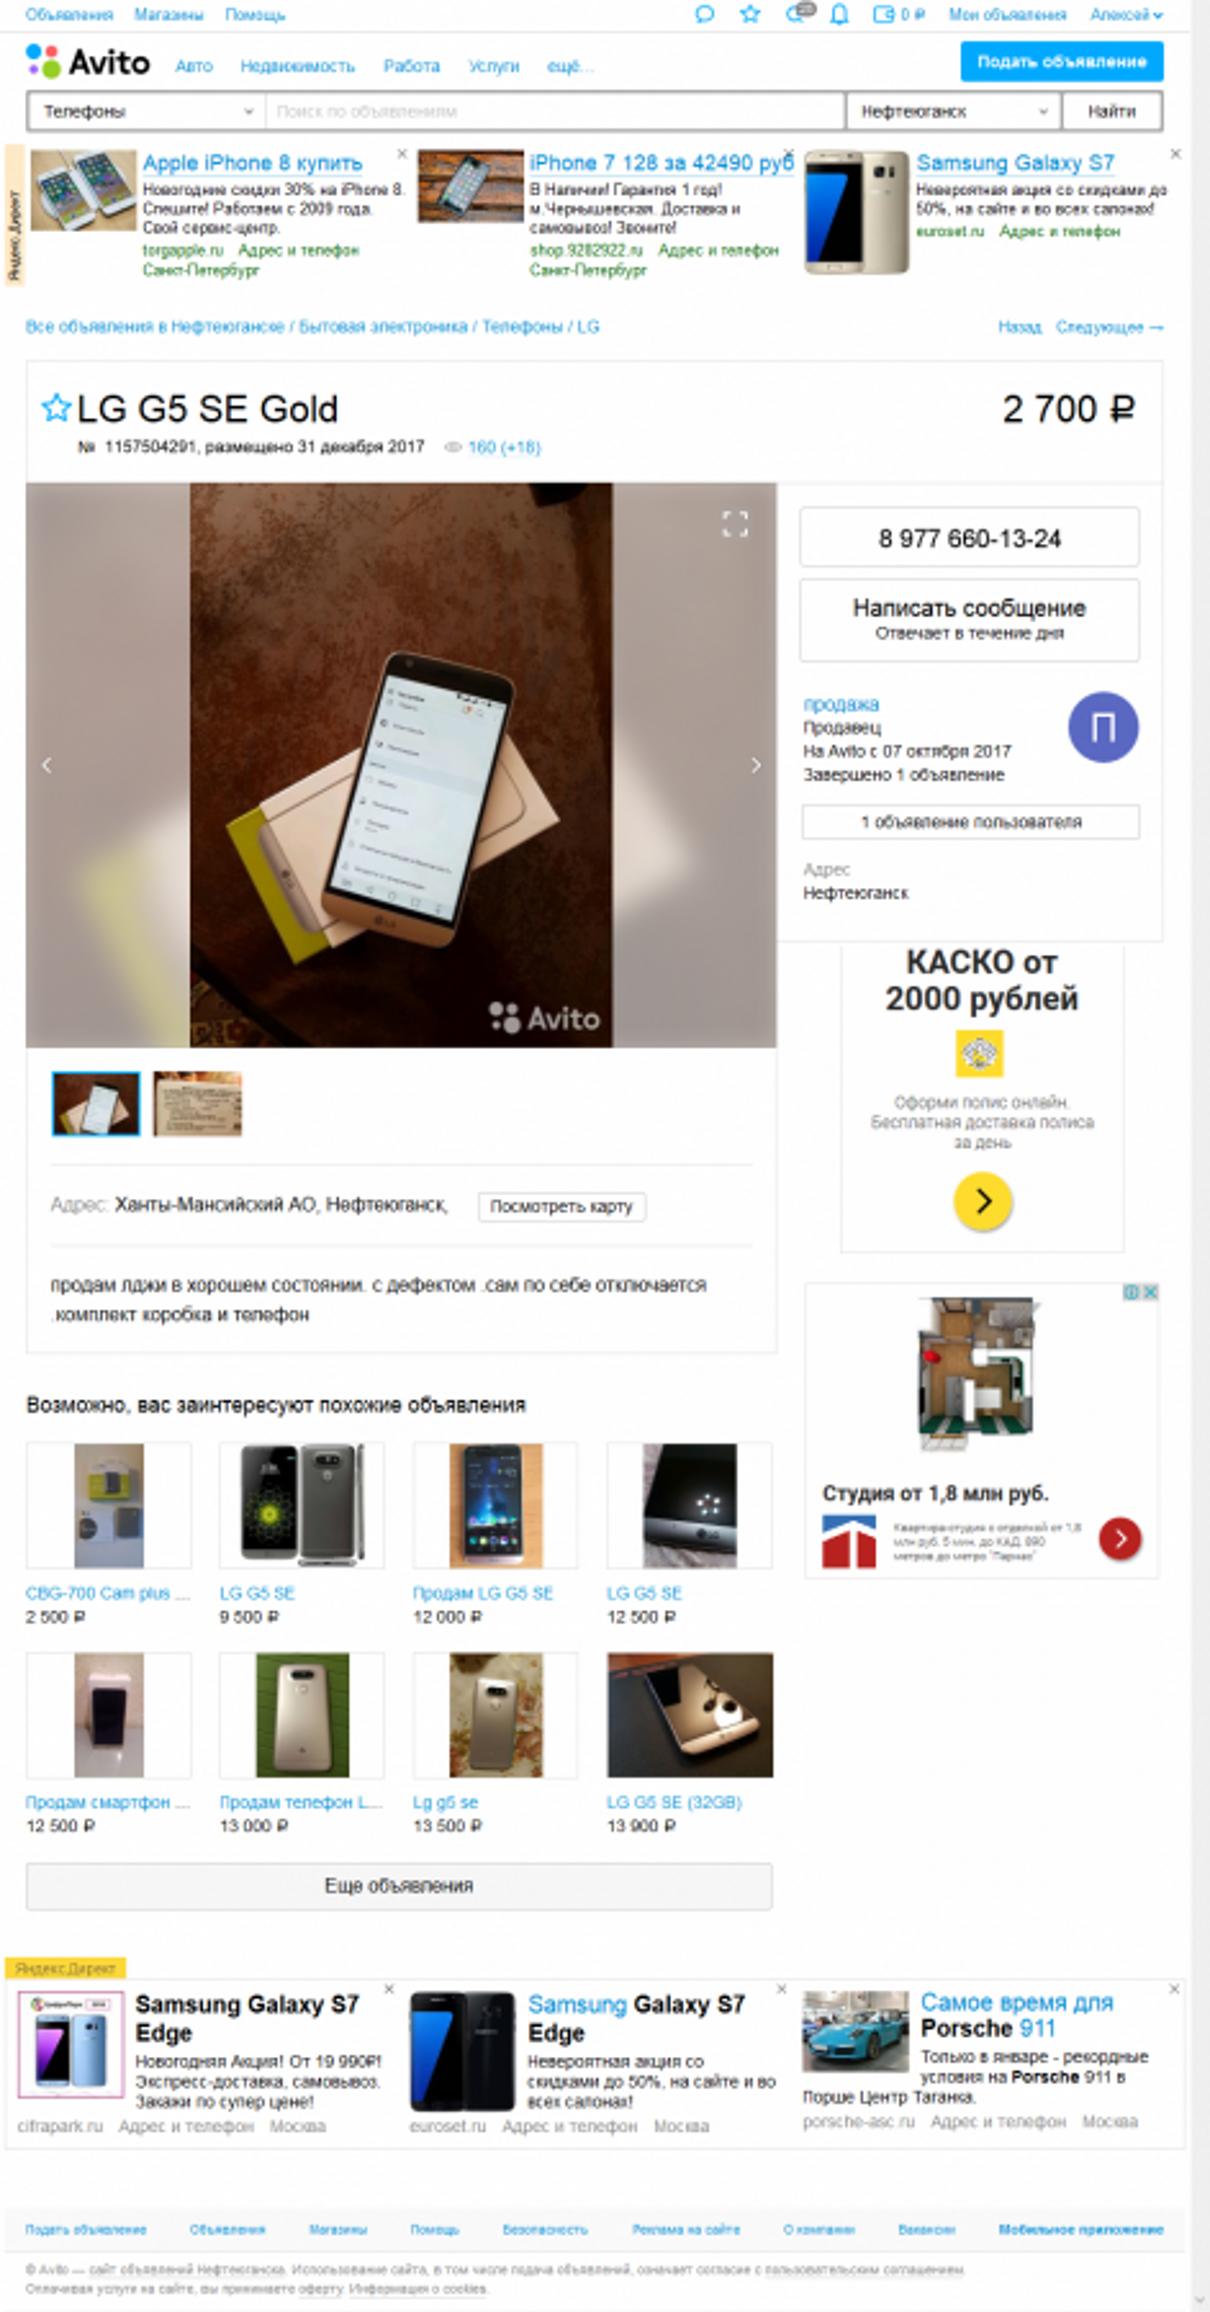 """Жалоба-отзыв: """"продажа"""" Avitoвич - Неполученный неисправный телефон"""